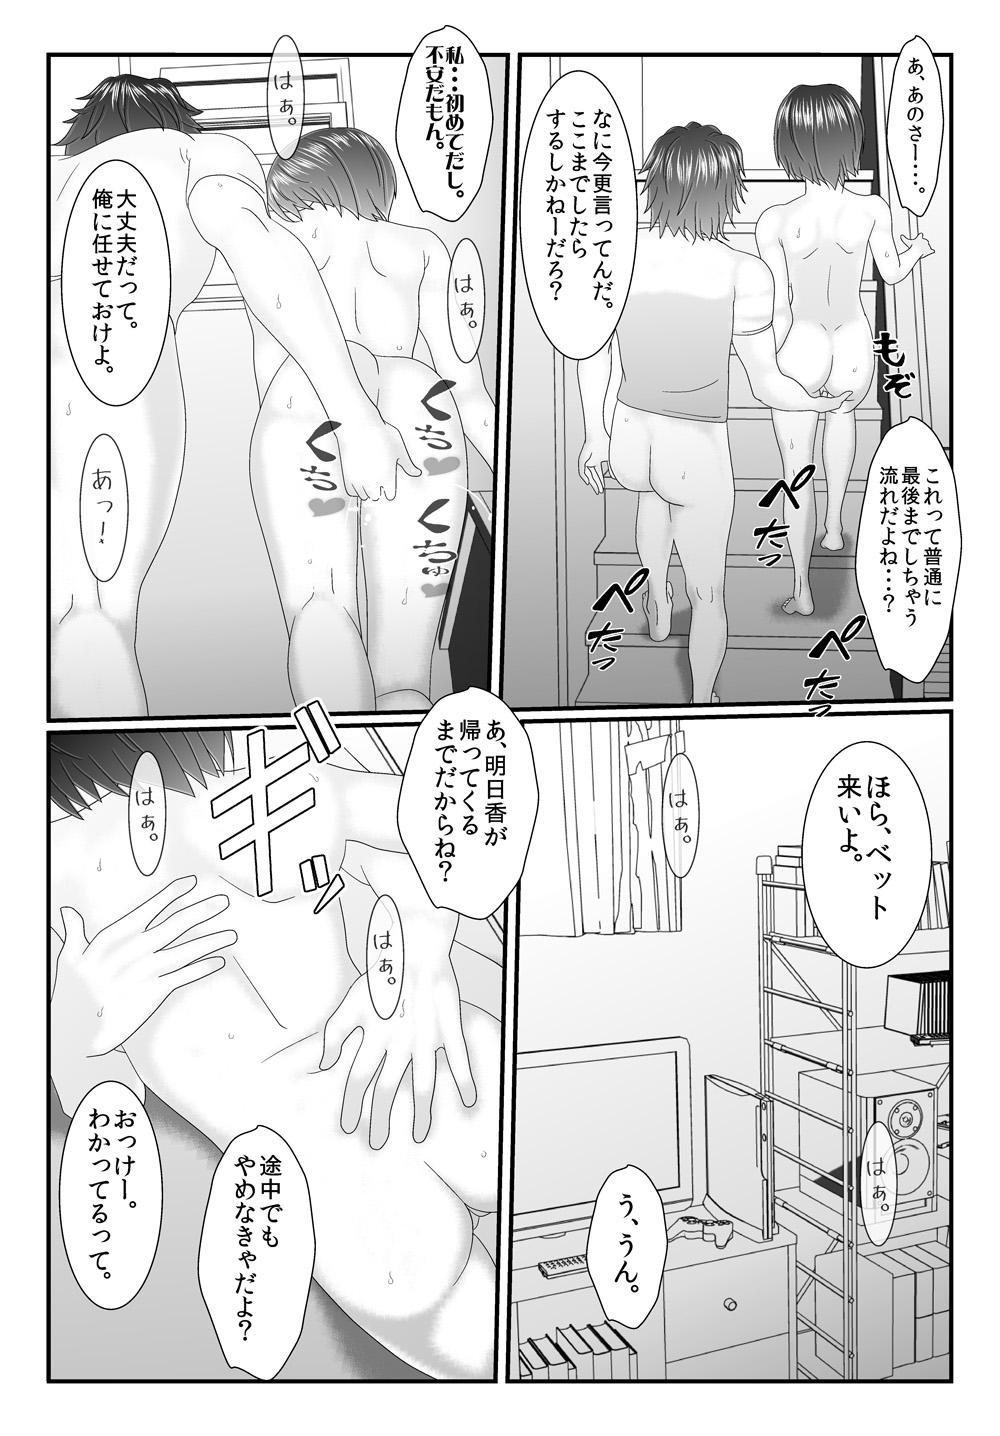 Ore no Juumai ga Razoku de Komaru - Ero Juukei × Juumai 30